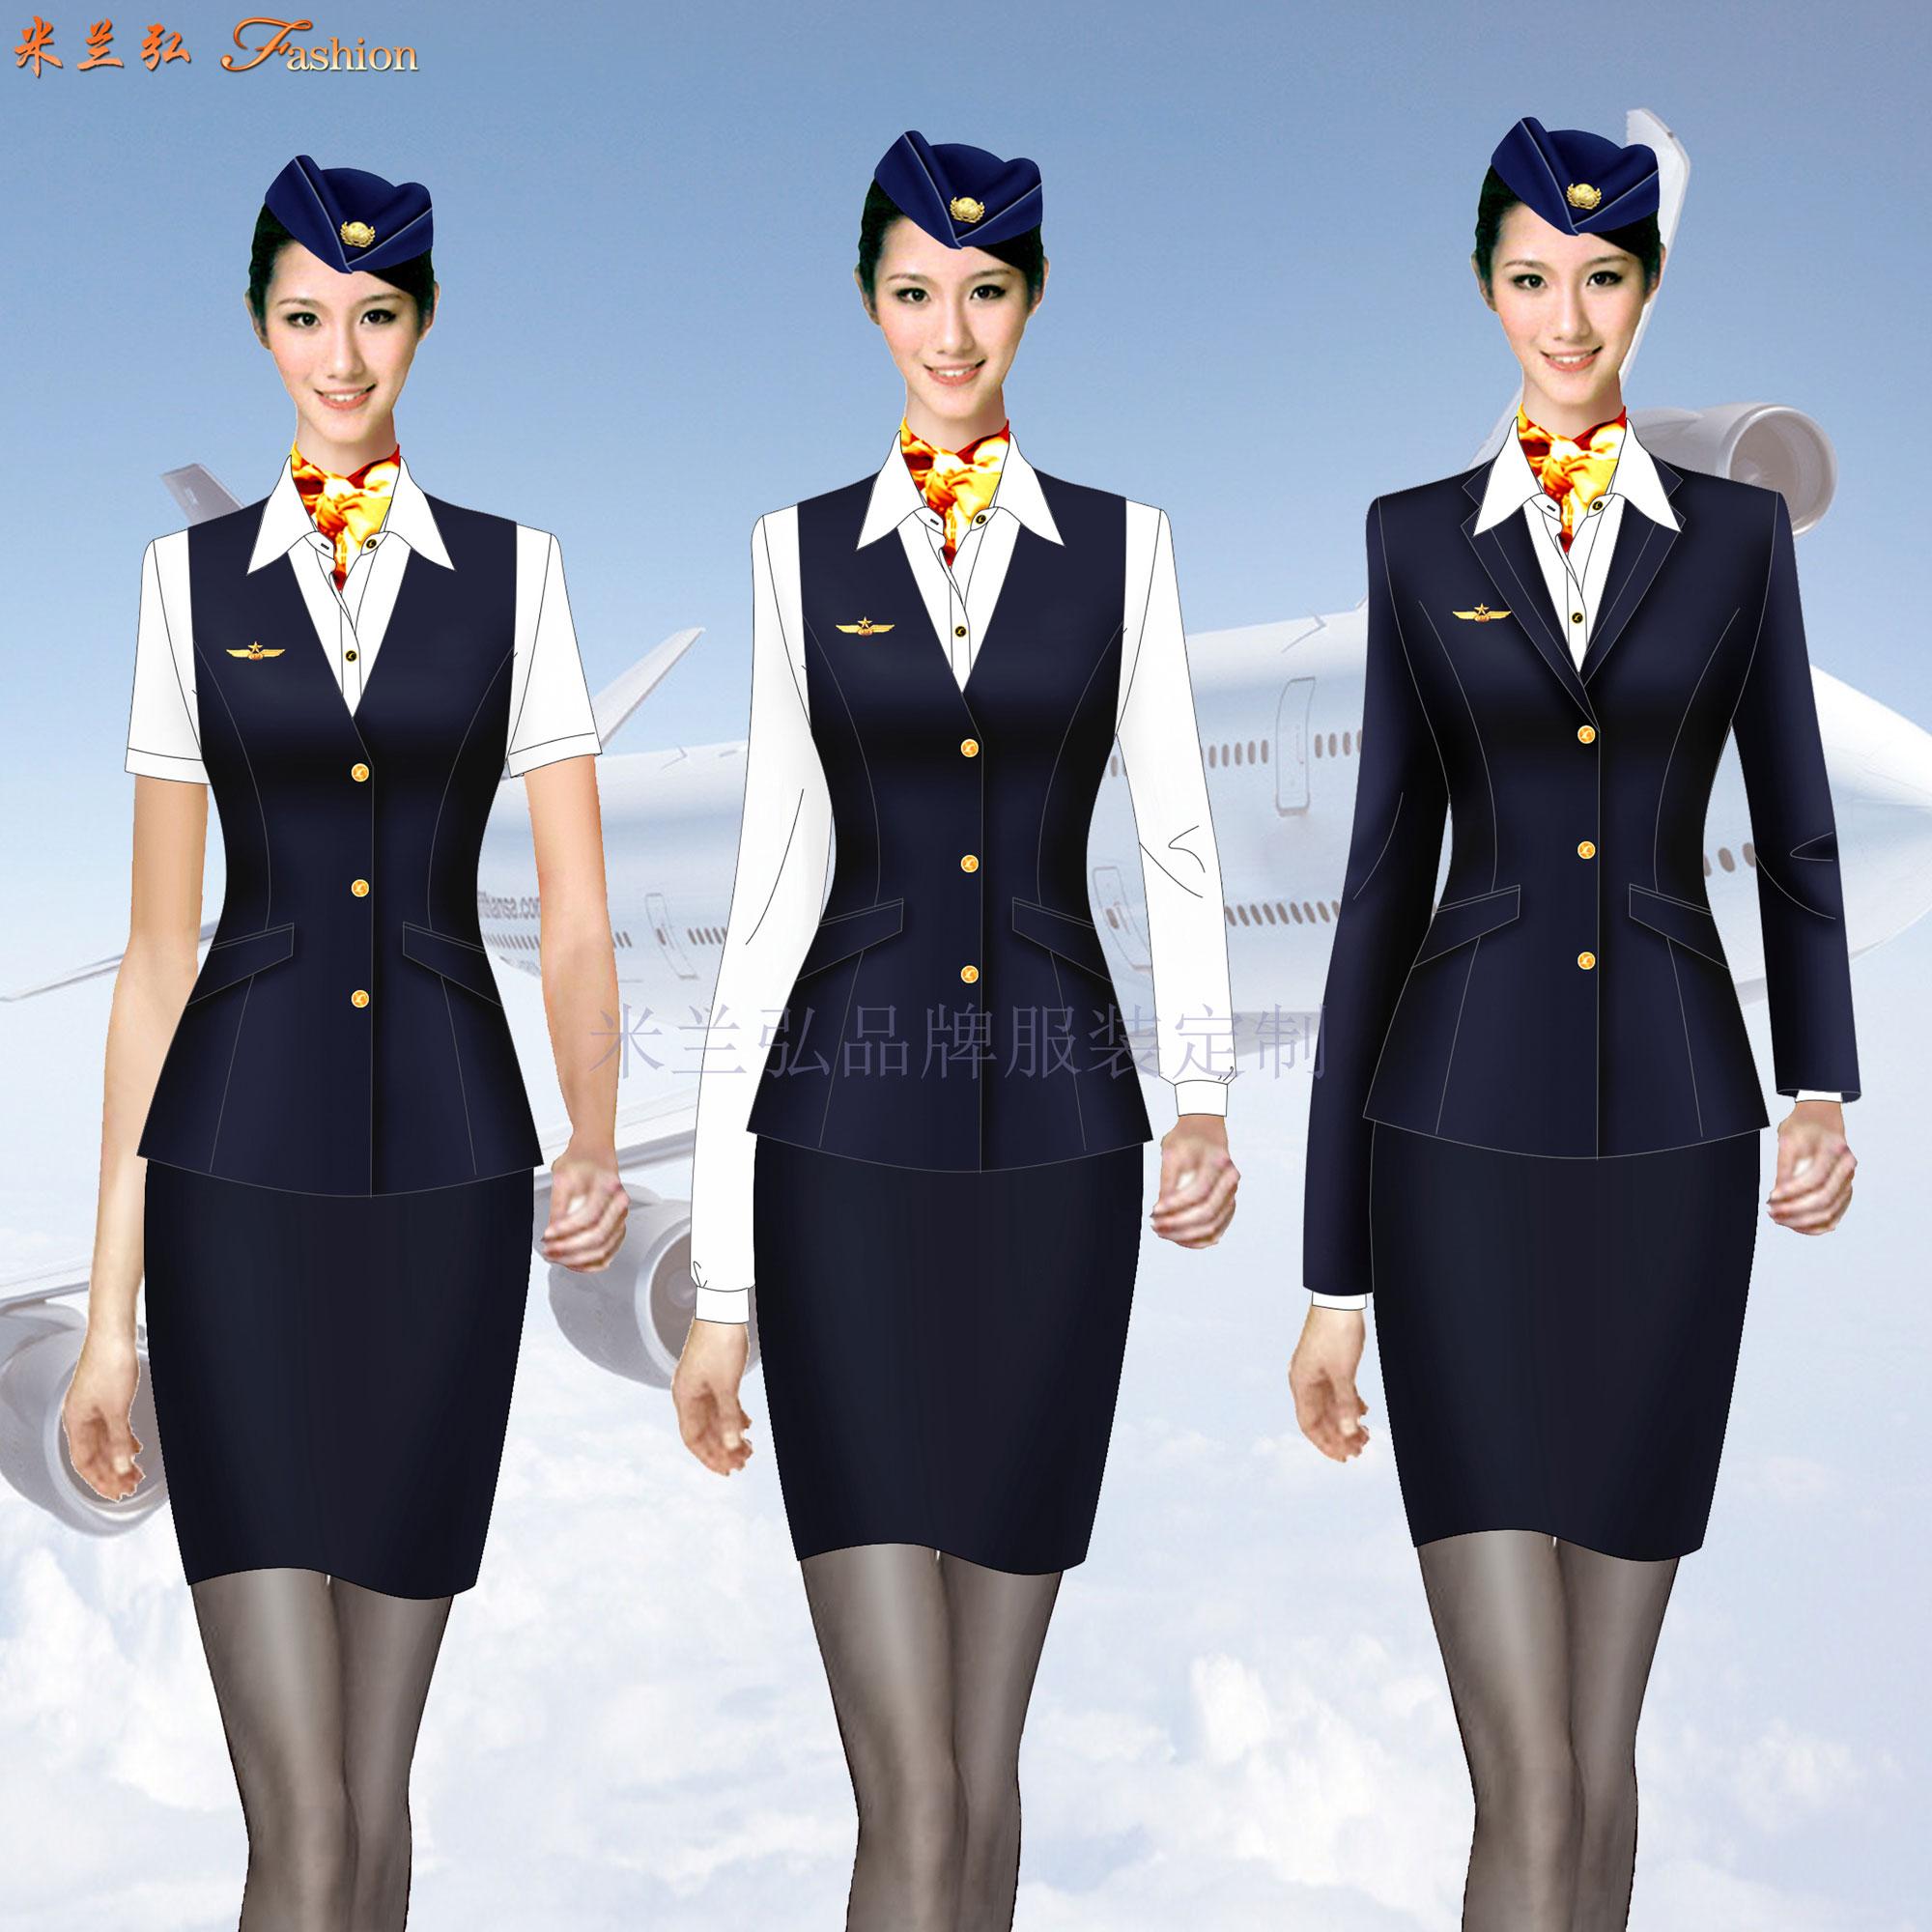 「德州空姐服定製」「德州空乘服訂做」推薦式樣時髦永利注册网站服裝